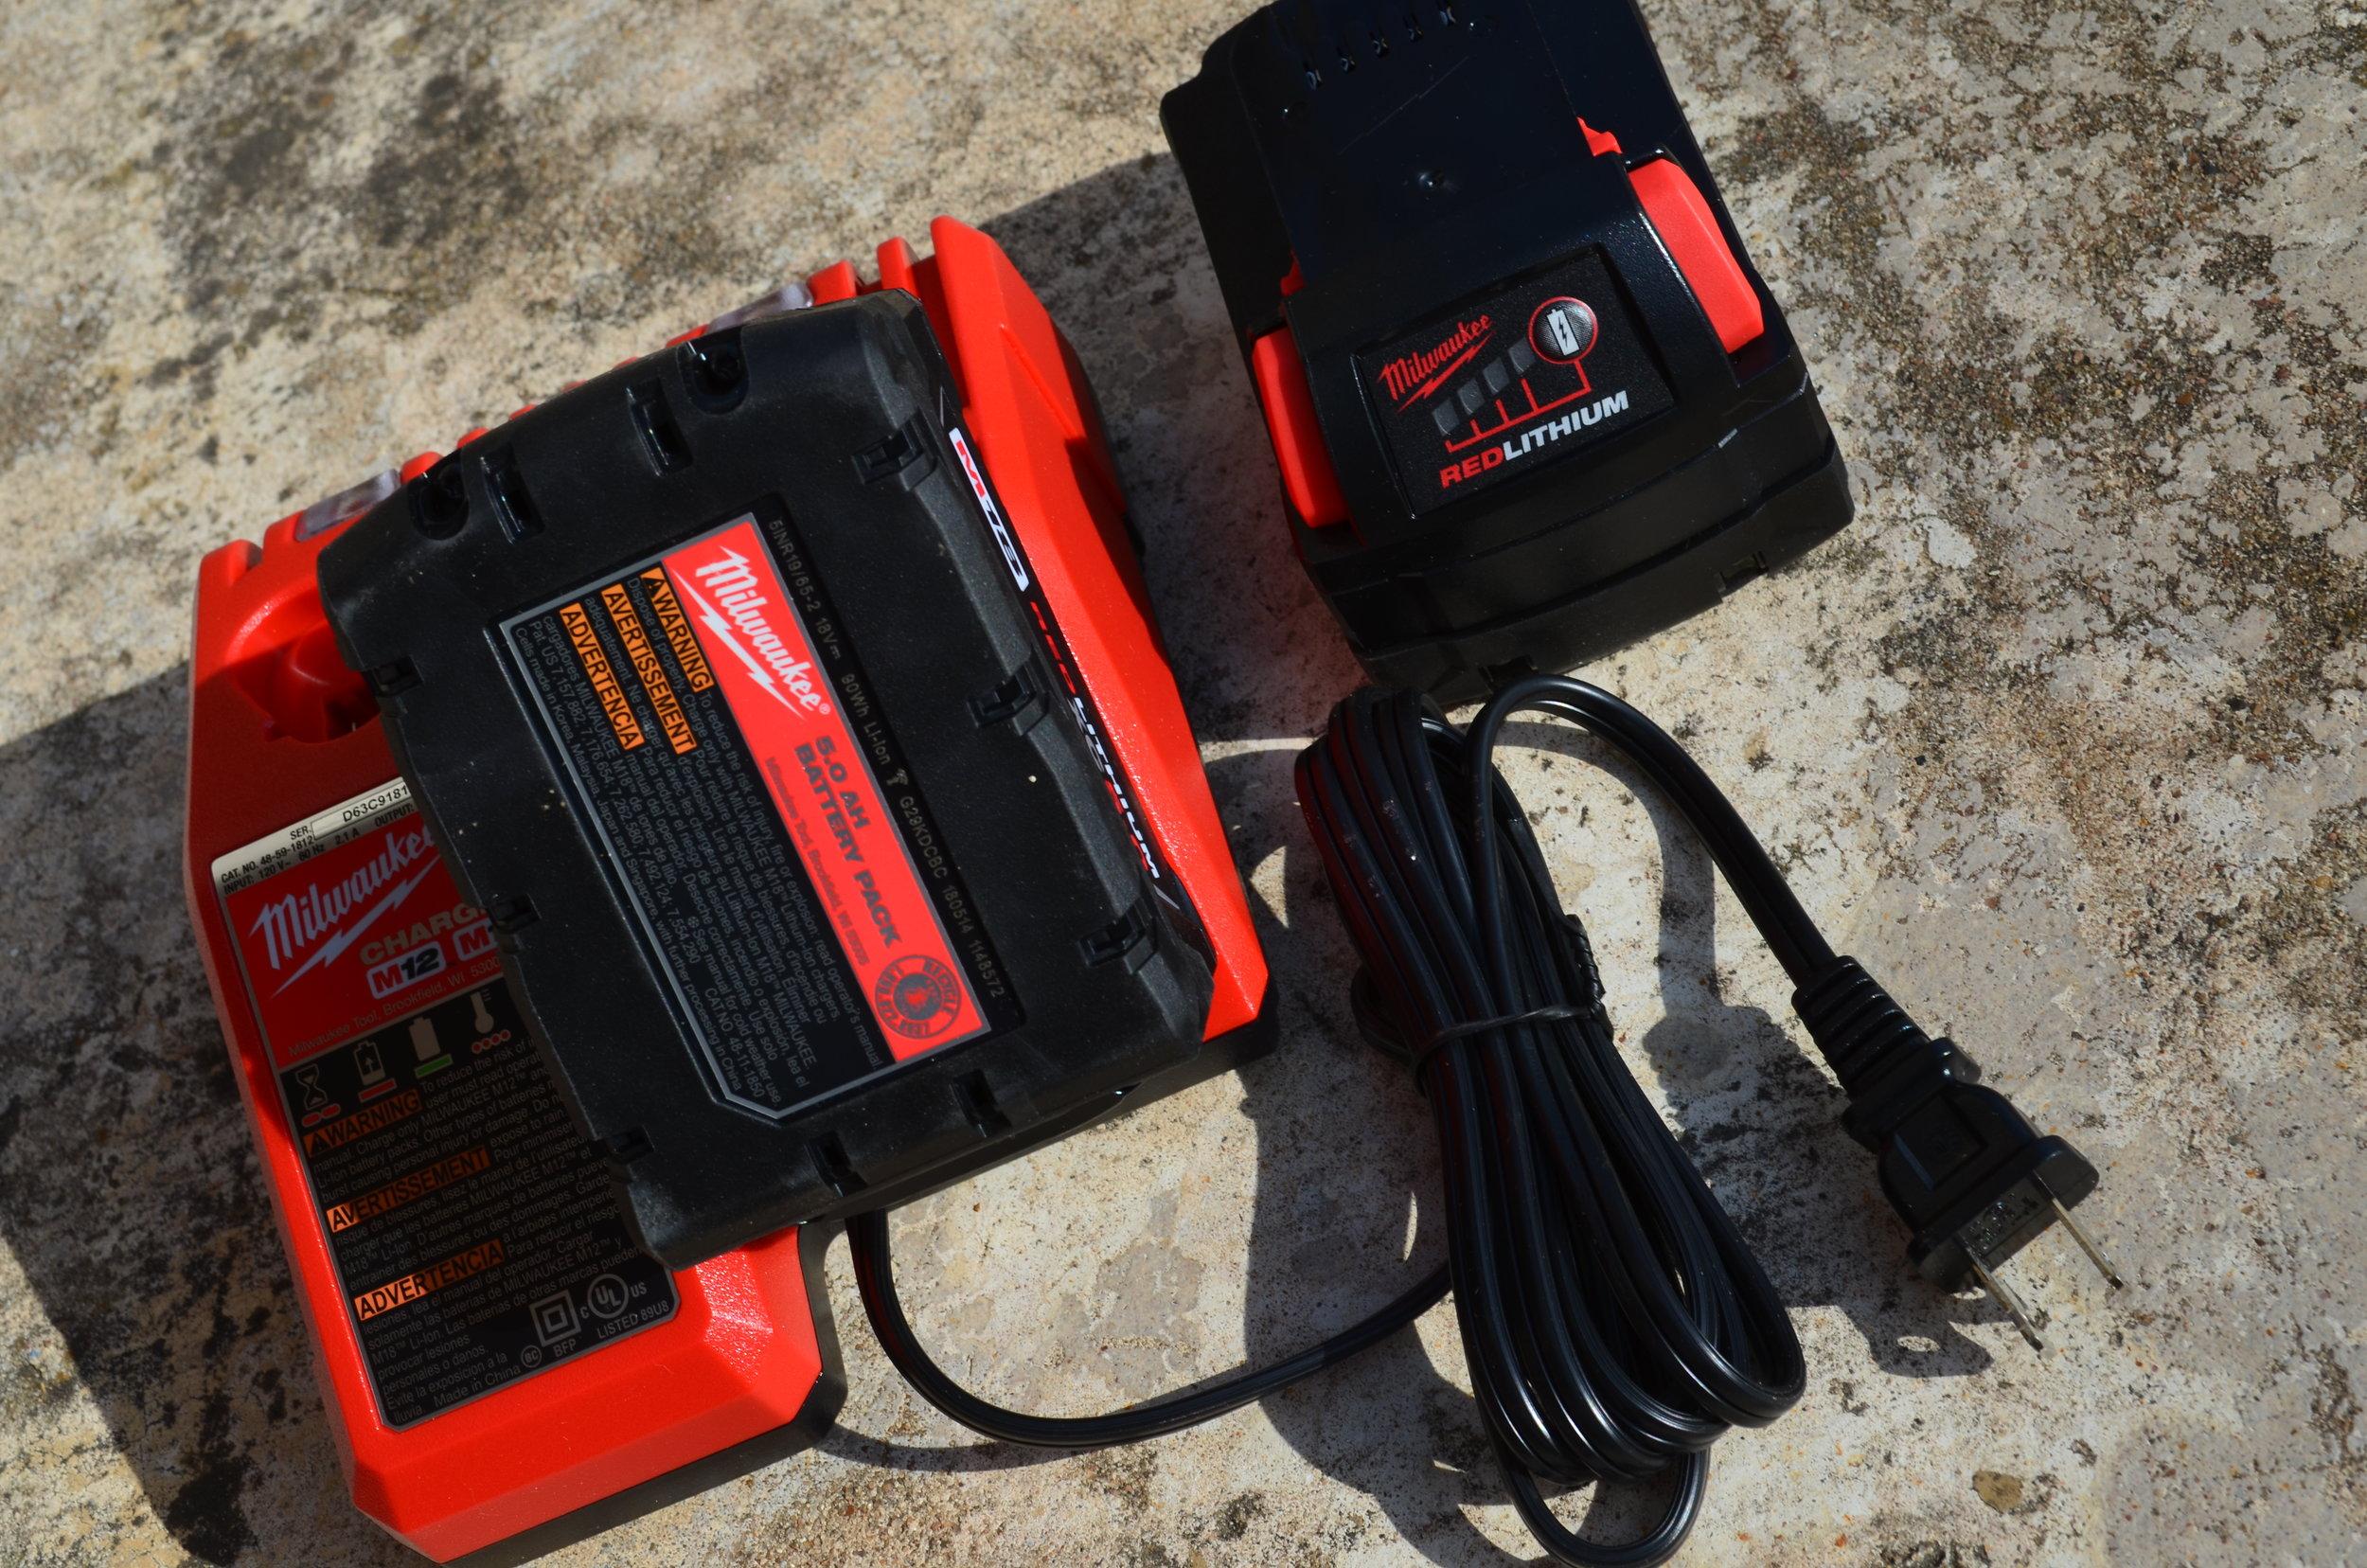 18v-fuel-milwaukee-brushless-hammer-drill-impact-driver-combo-kit